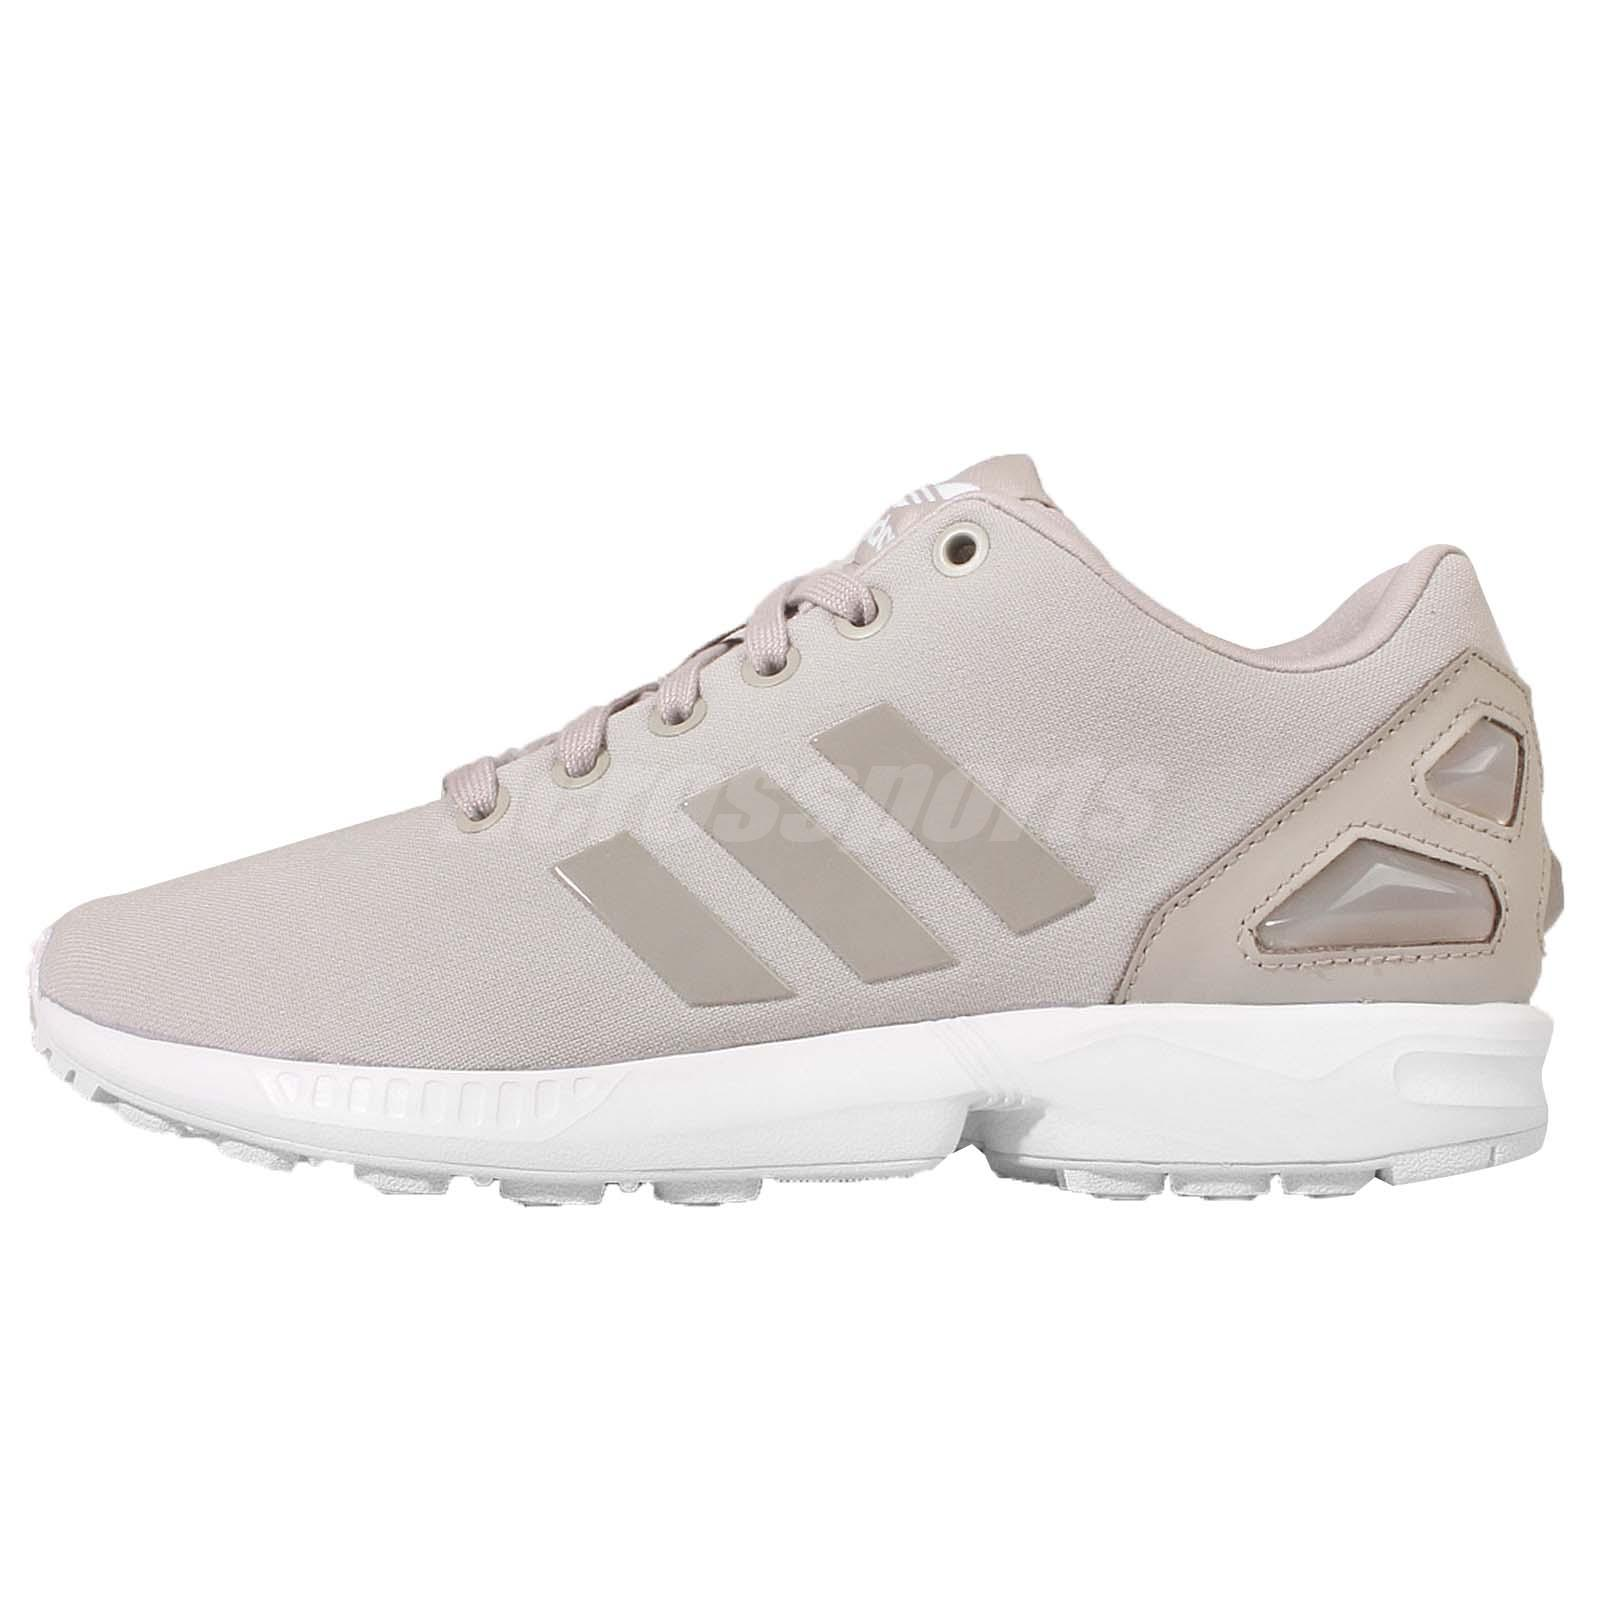 adidas zx flux beige